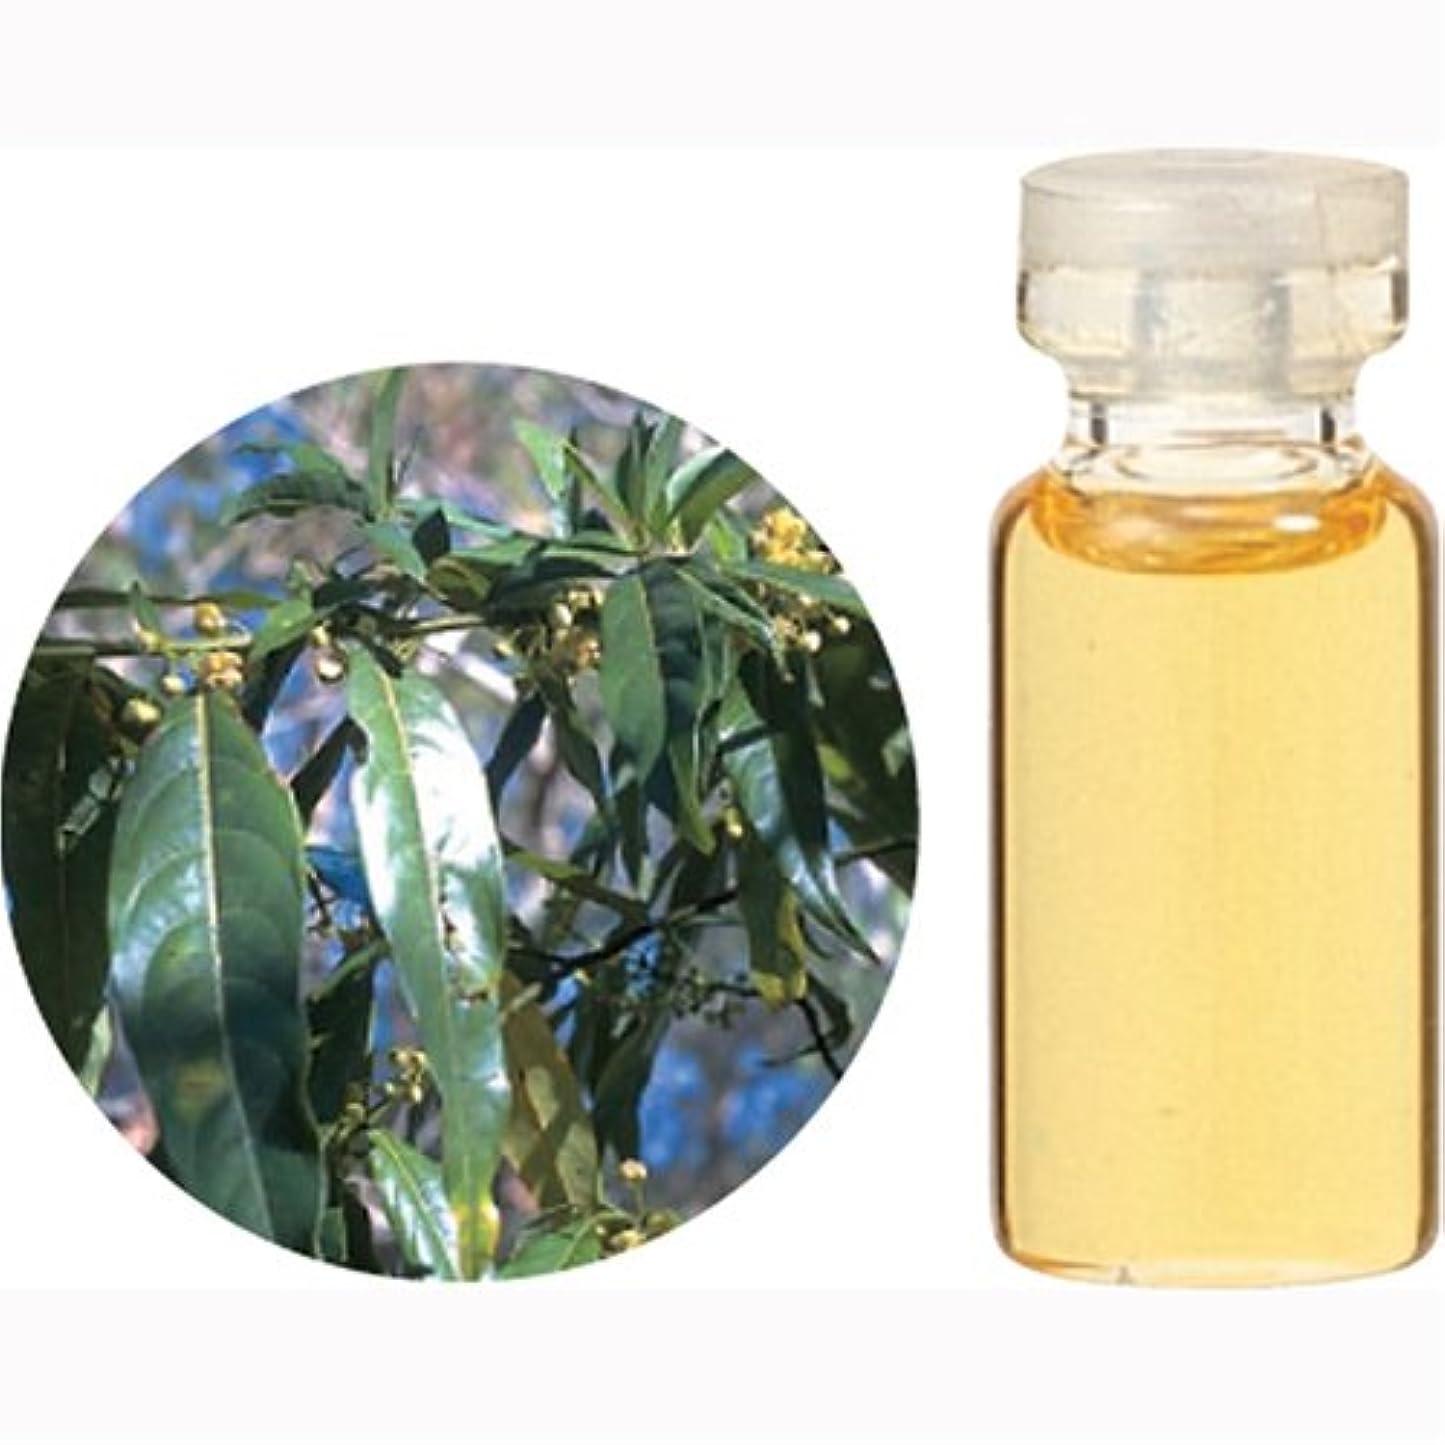 薬を飲む平方シルエット生活の木 Cリツエアクベバ エッセンシャルオイル 10ml